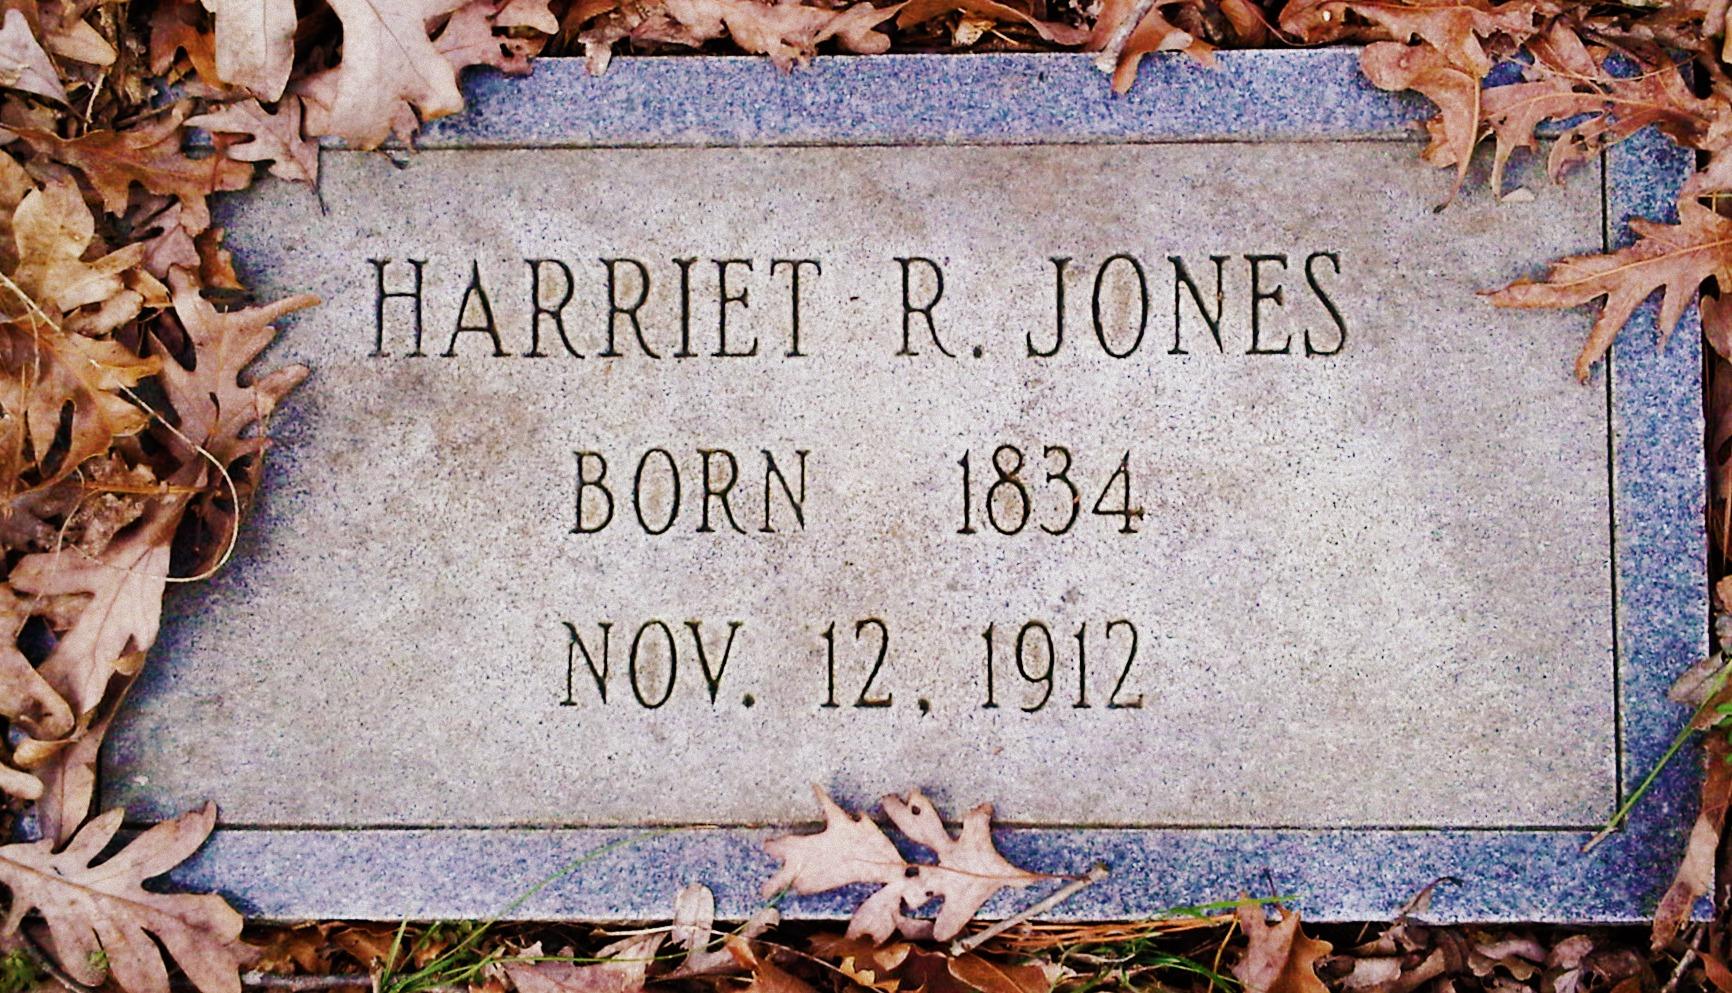 Harriet R Jones